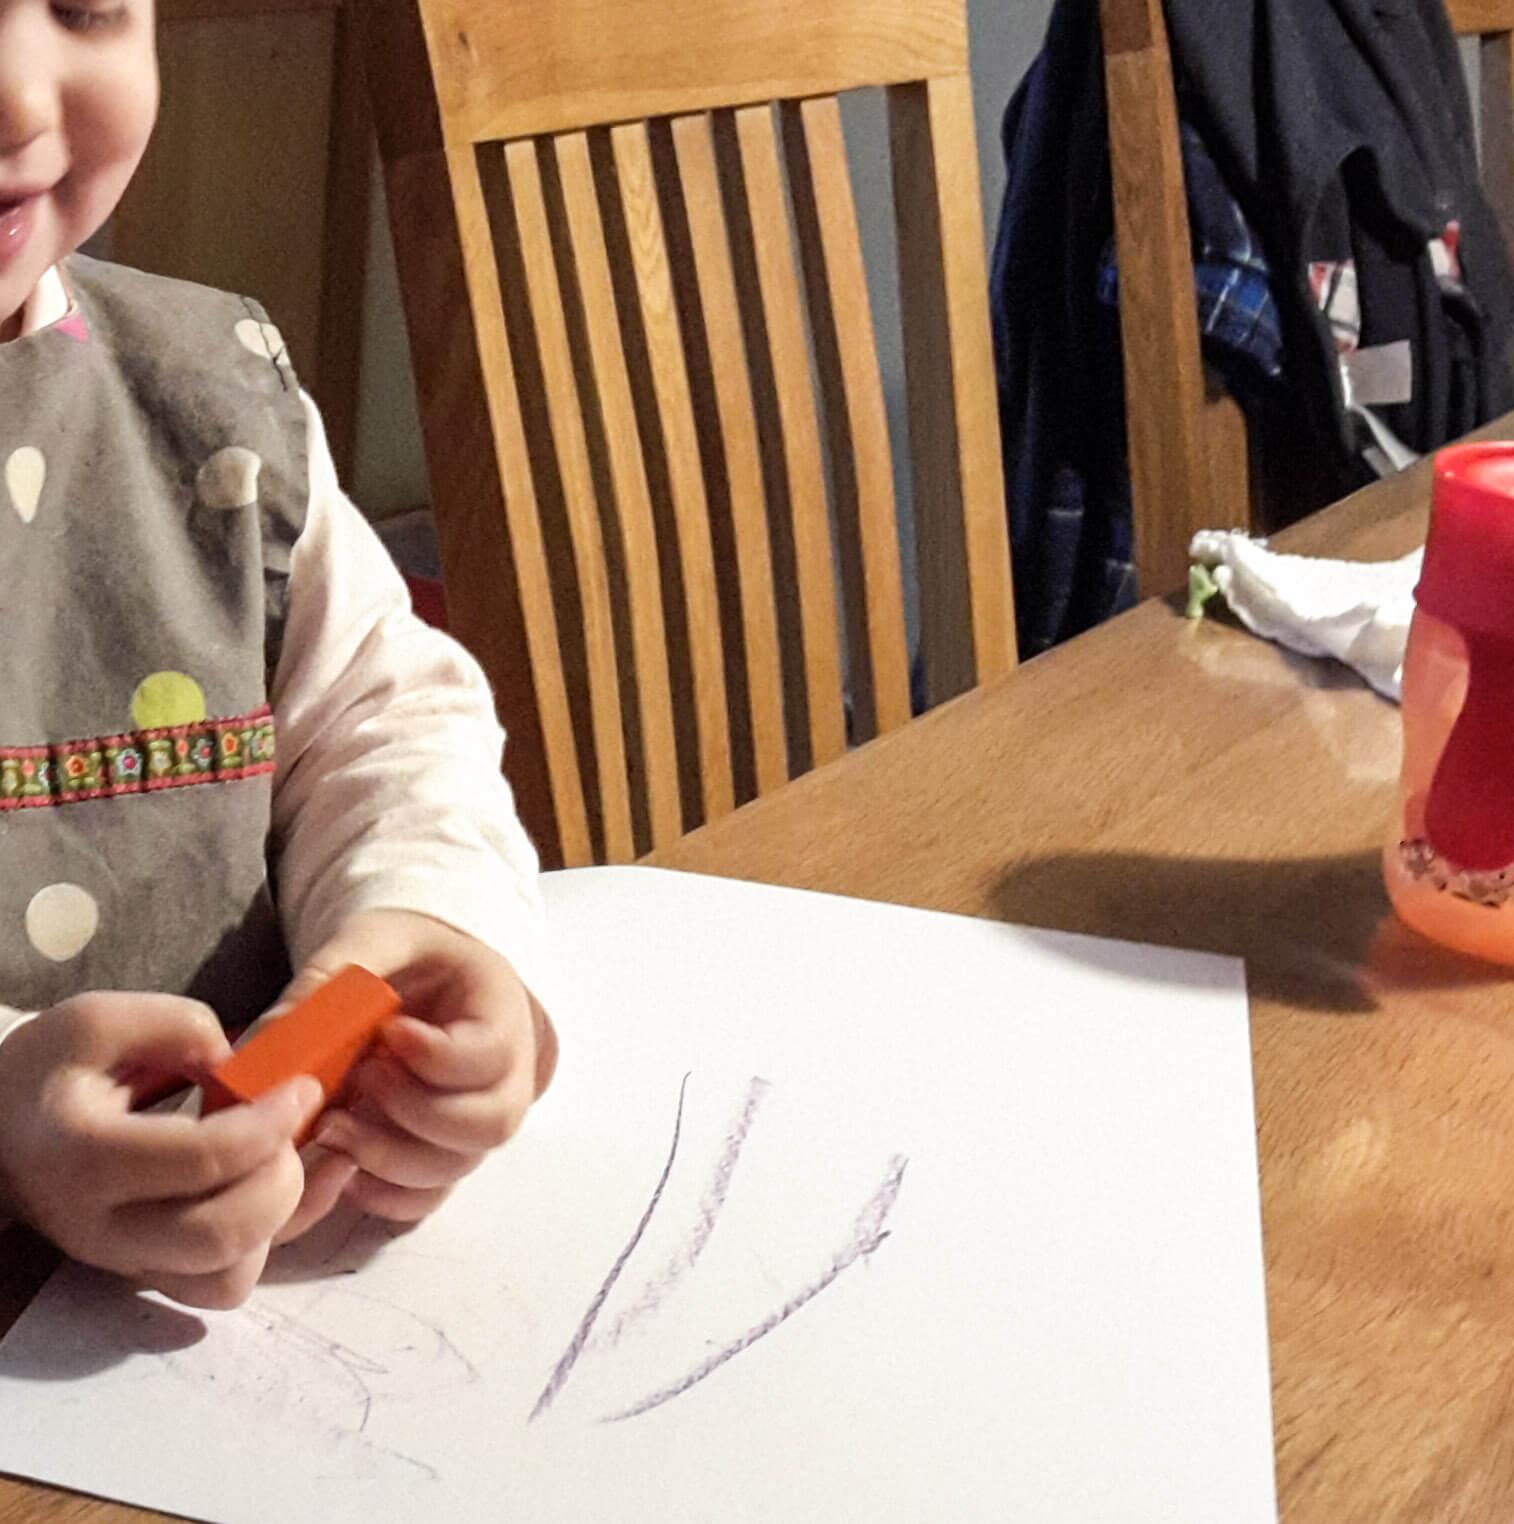 Wir malen.